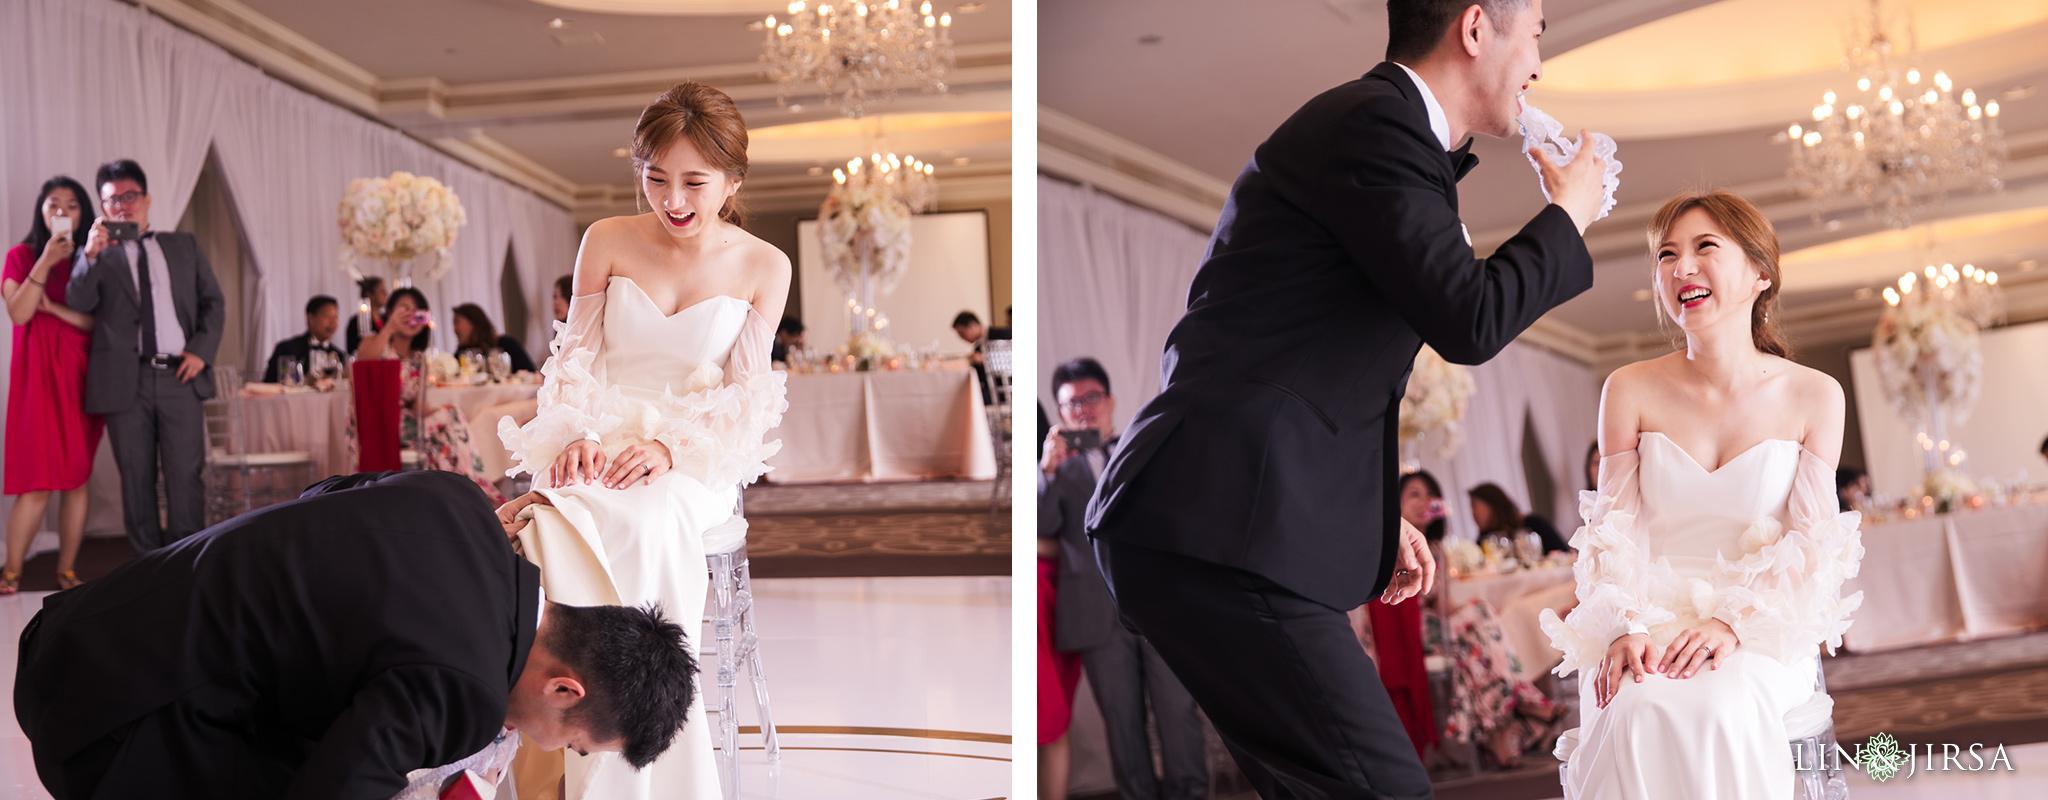 34 ritz carlton laguna niguel wedding chinese